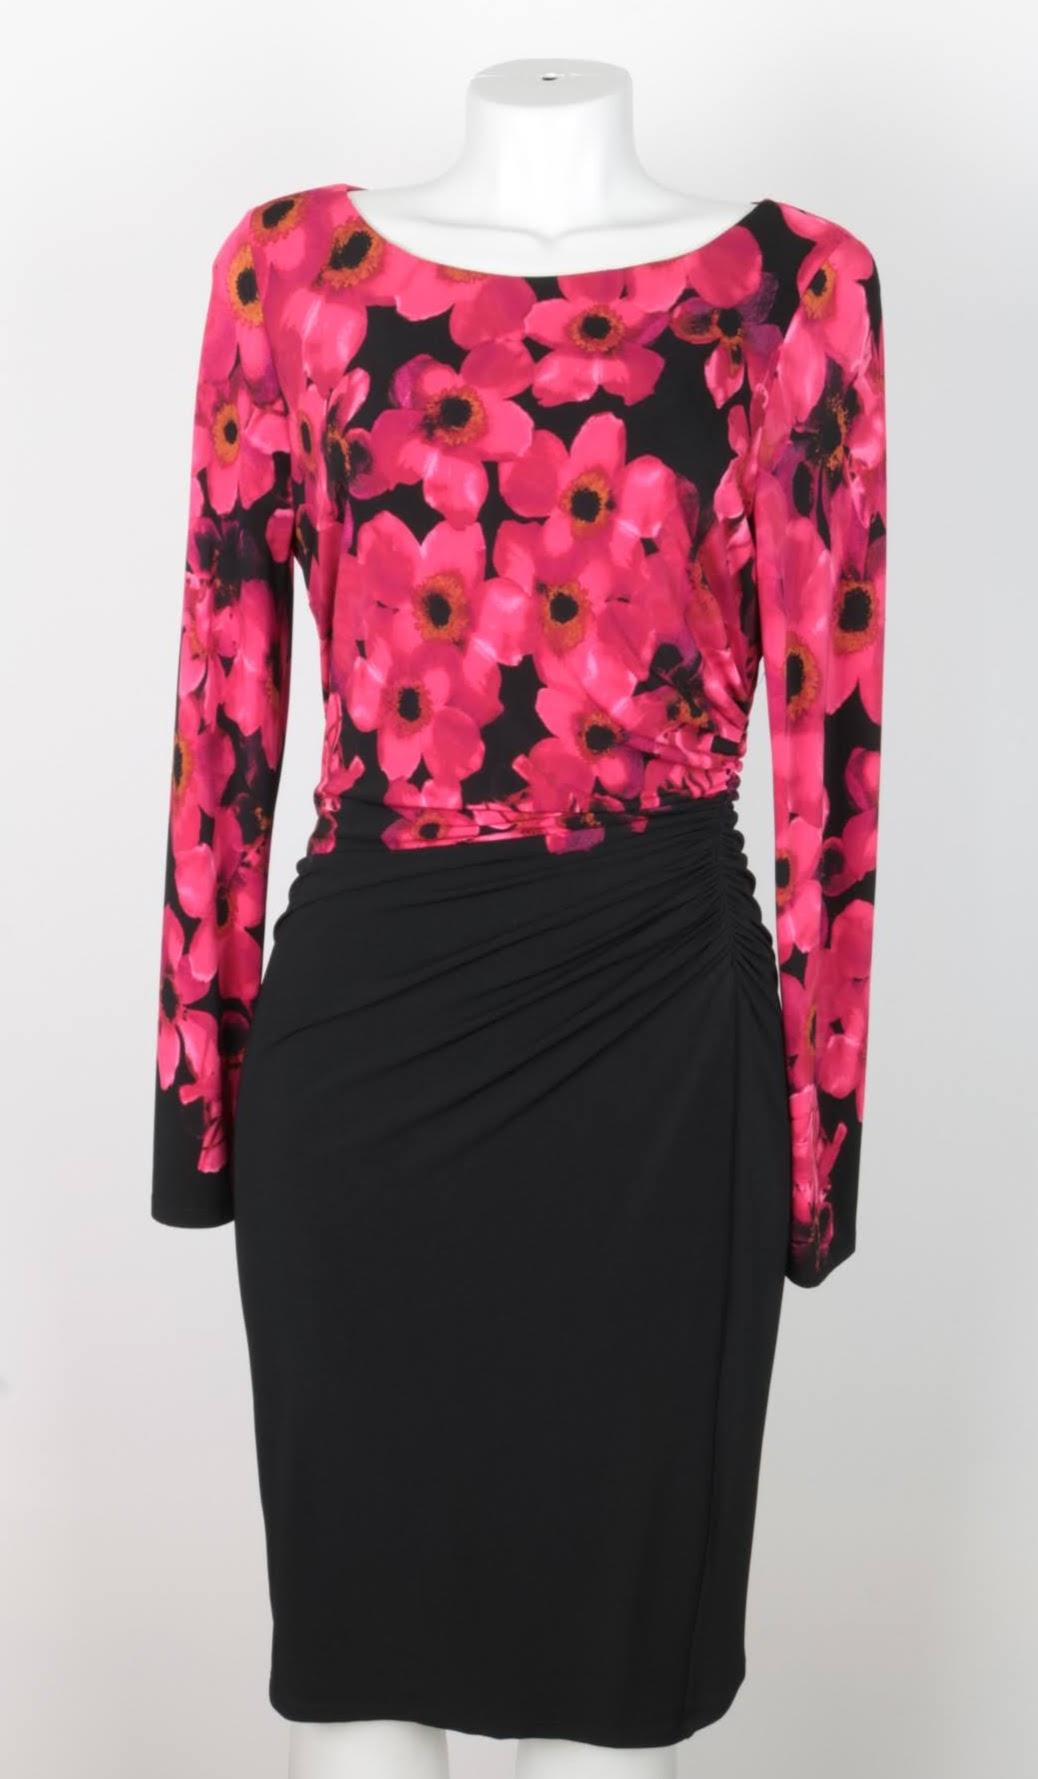 Vestido - Ralph Lauren - 40